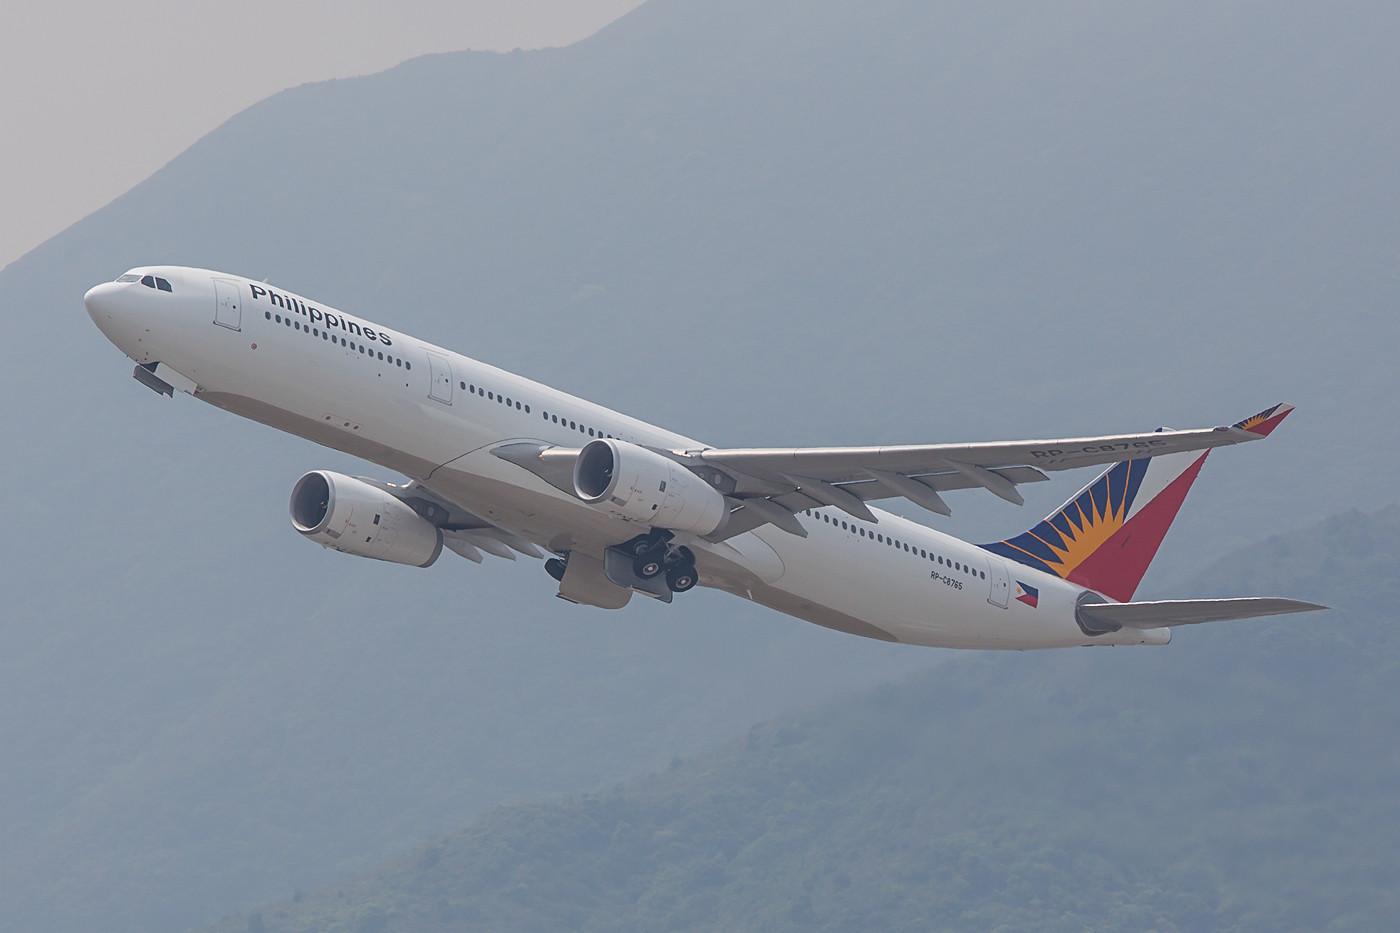 Philipines Airlines verbindet mehrere Ziele des Inselstaates mit HKG, auf der Route aus Manila kommen A 330 zum Einsatz.